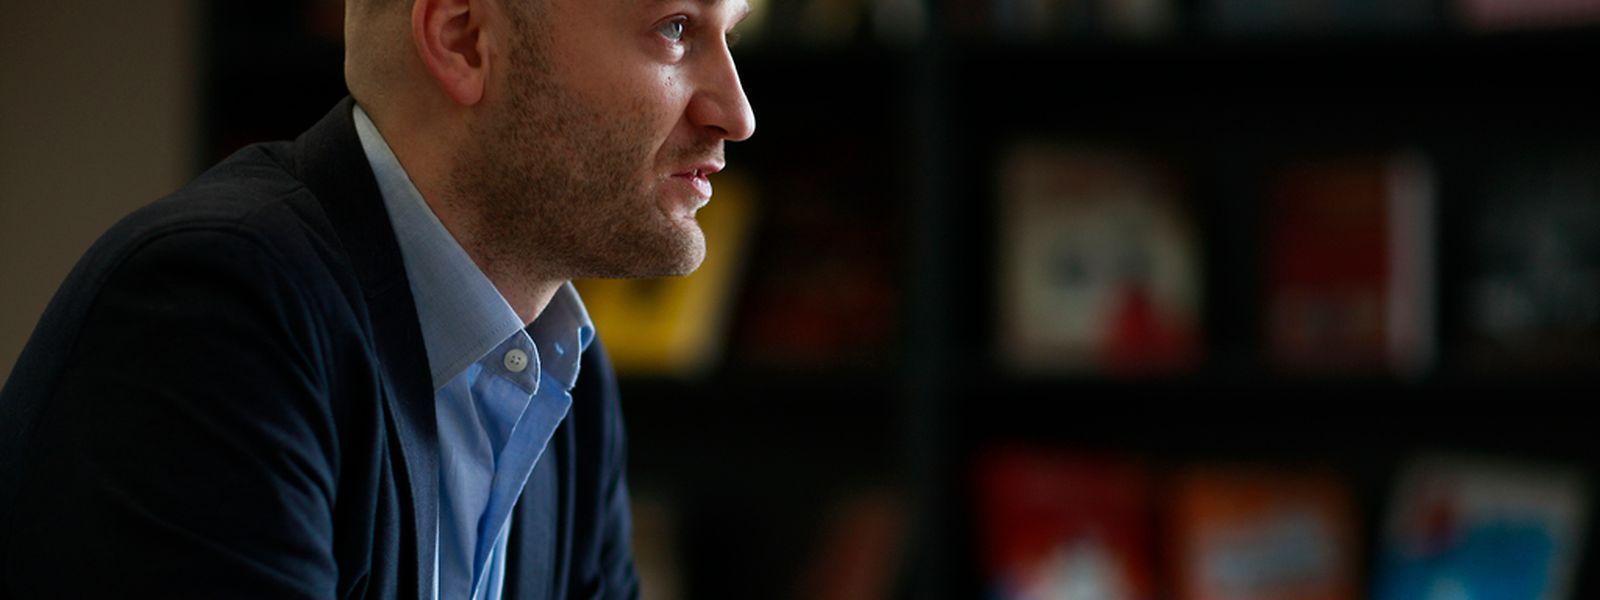 Luc Wildanger ist Vorsitzender der Vereinigung der Lehrbeauftragten Acen und Präsident des Lehrerkomitees im Lycée Robert Schuman.